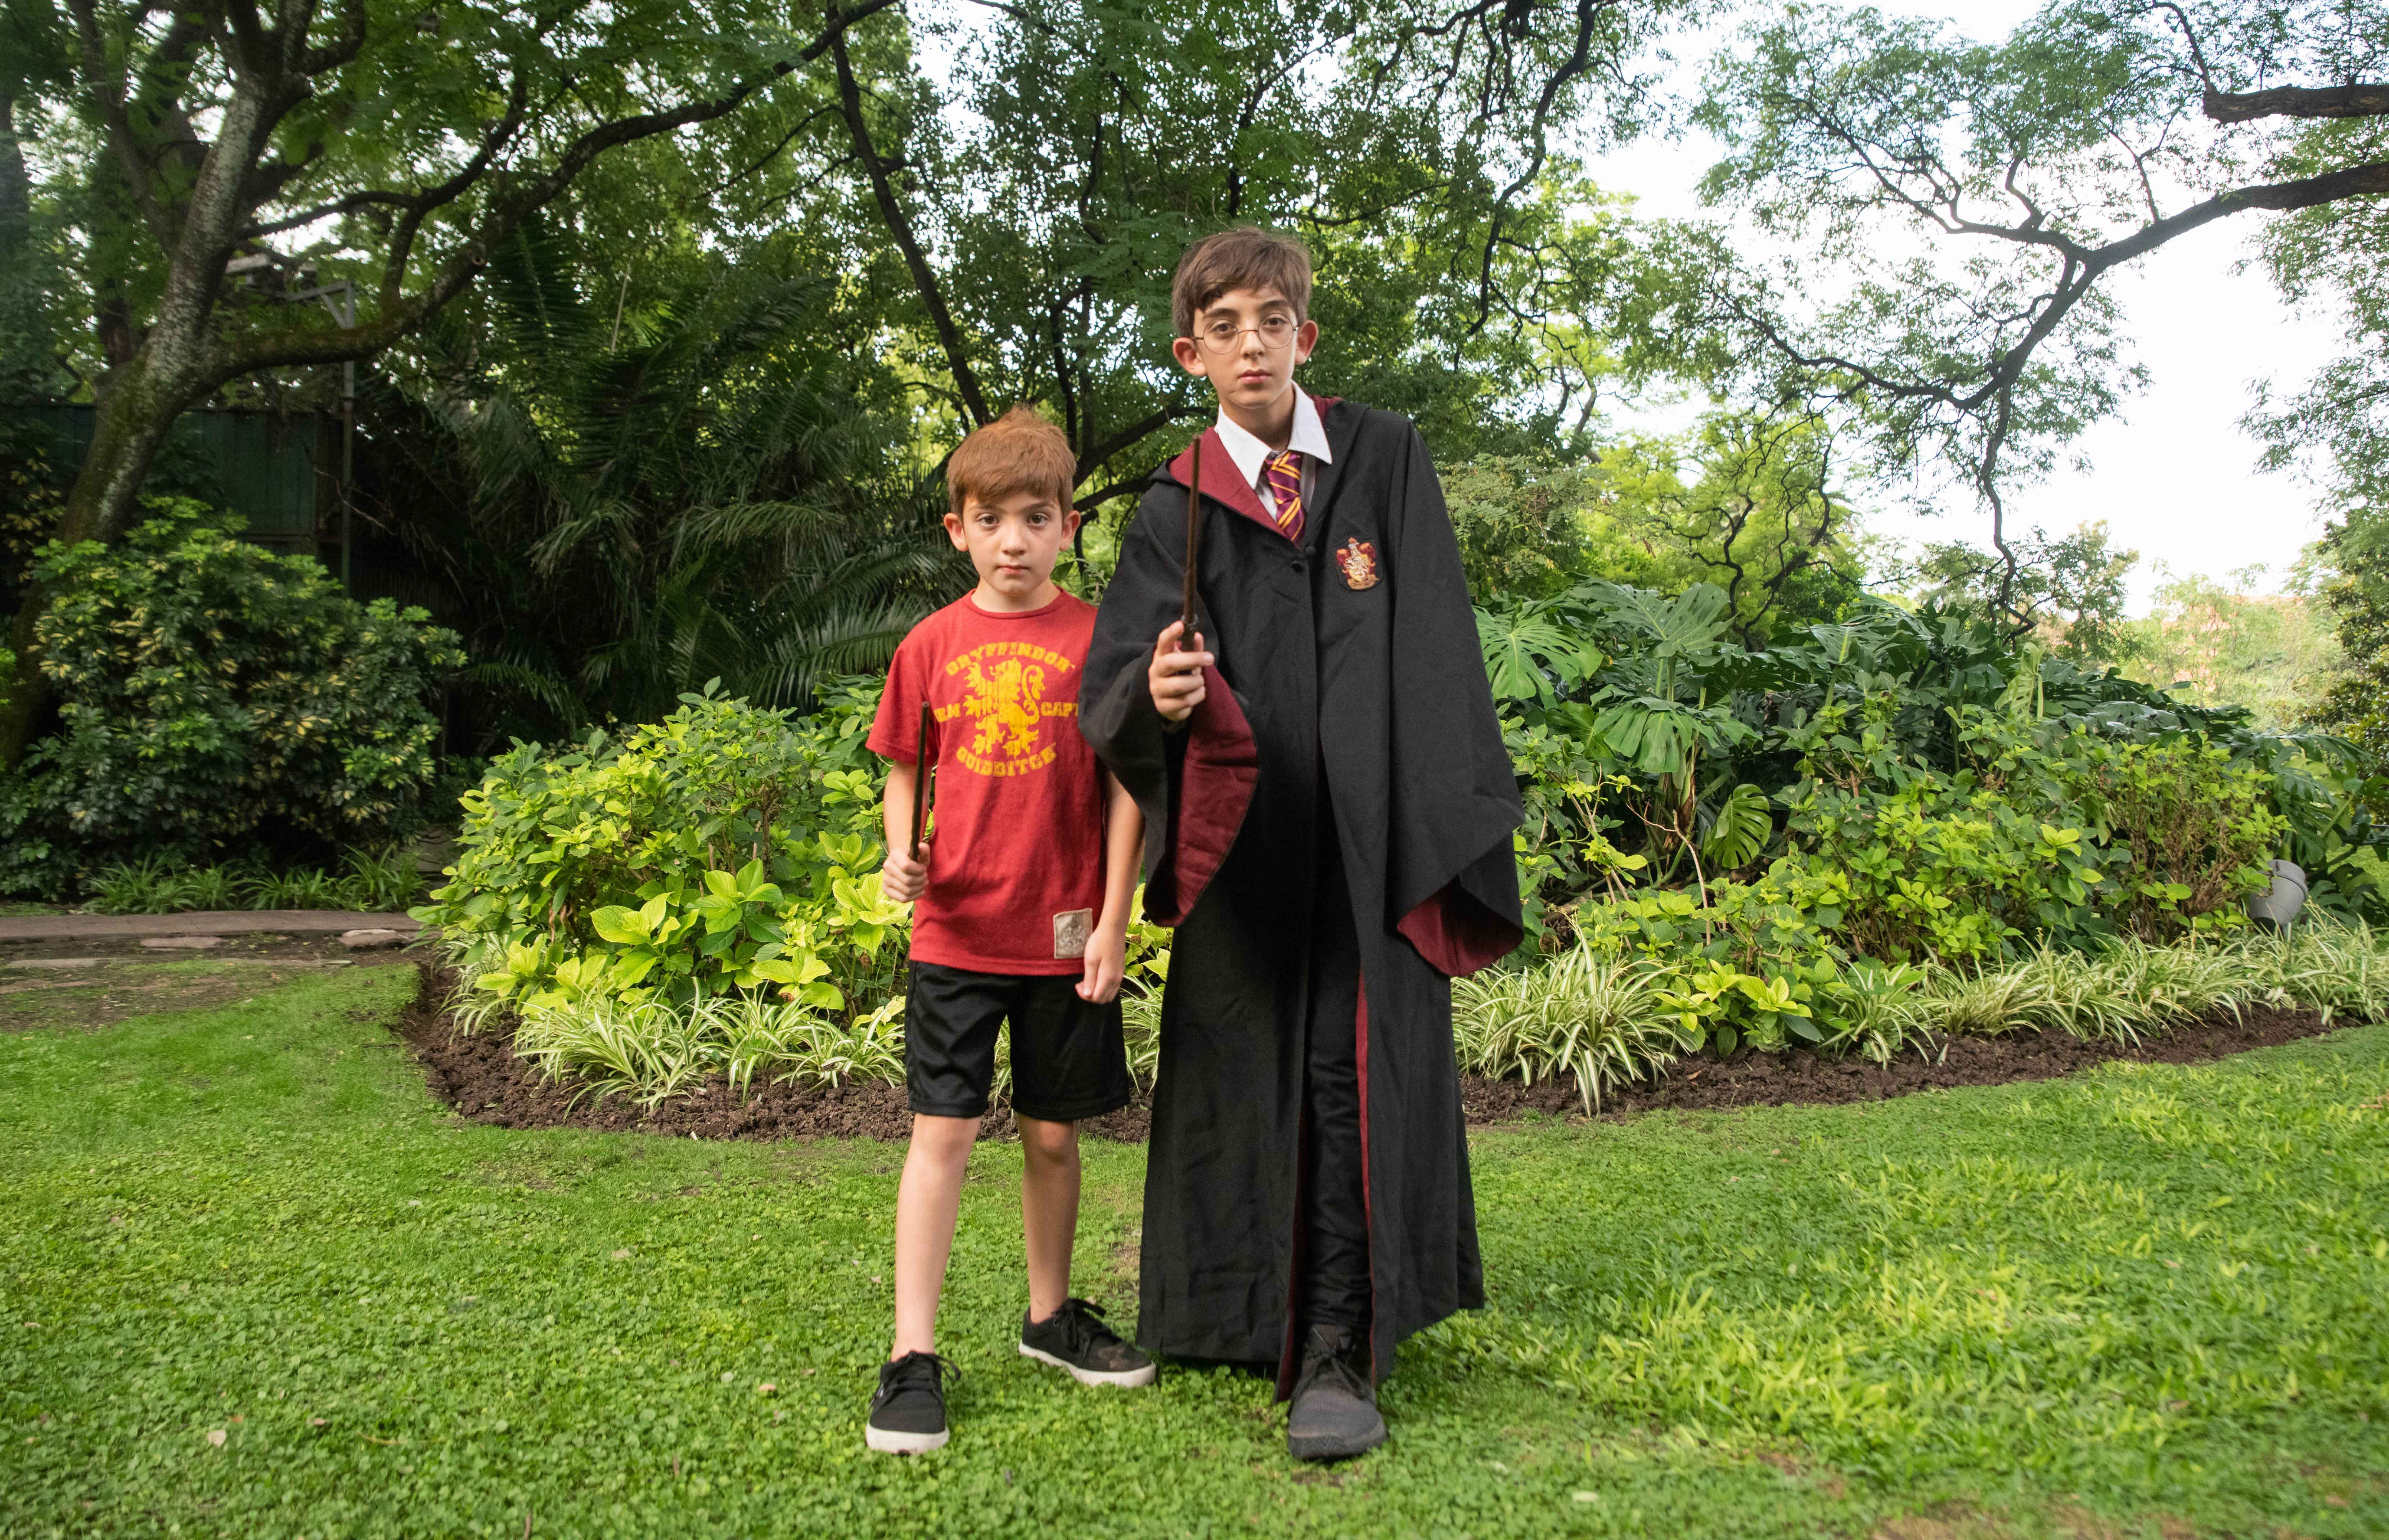 Tanto niños, jóvenes como adultos disfrutaron de la experiencia mágica que invitaba a que los fanáticos se disfracen de sus personajes favoritos